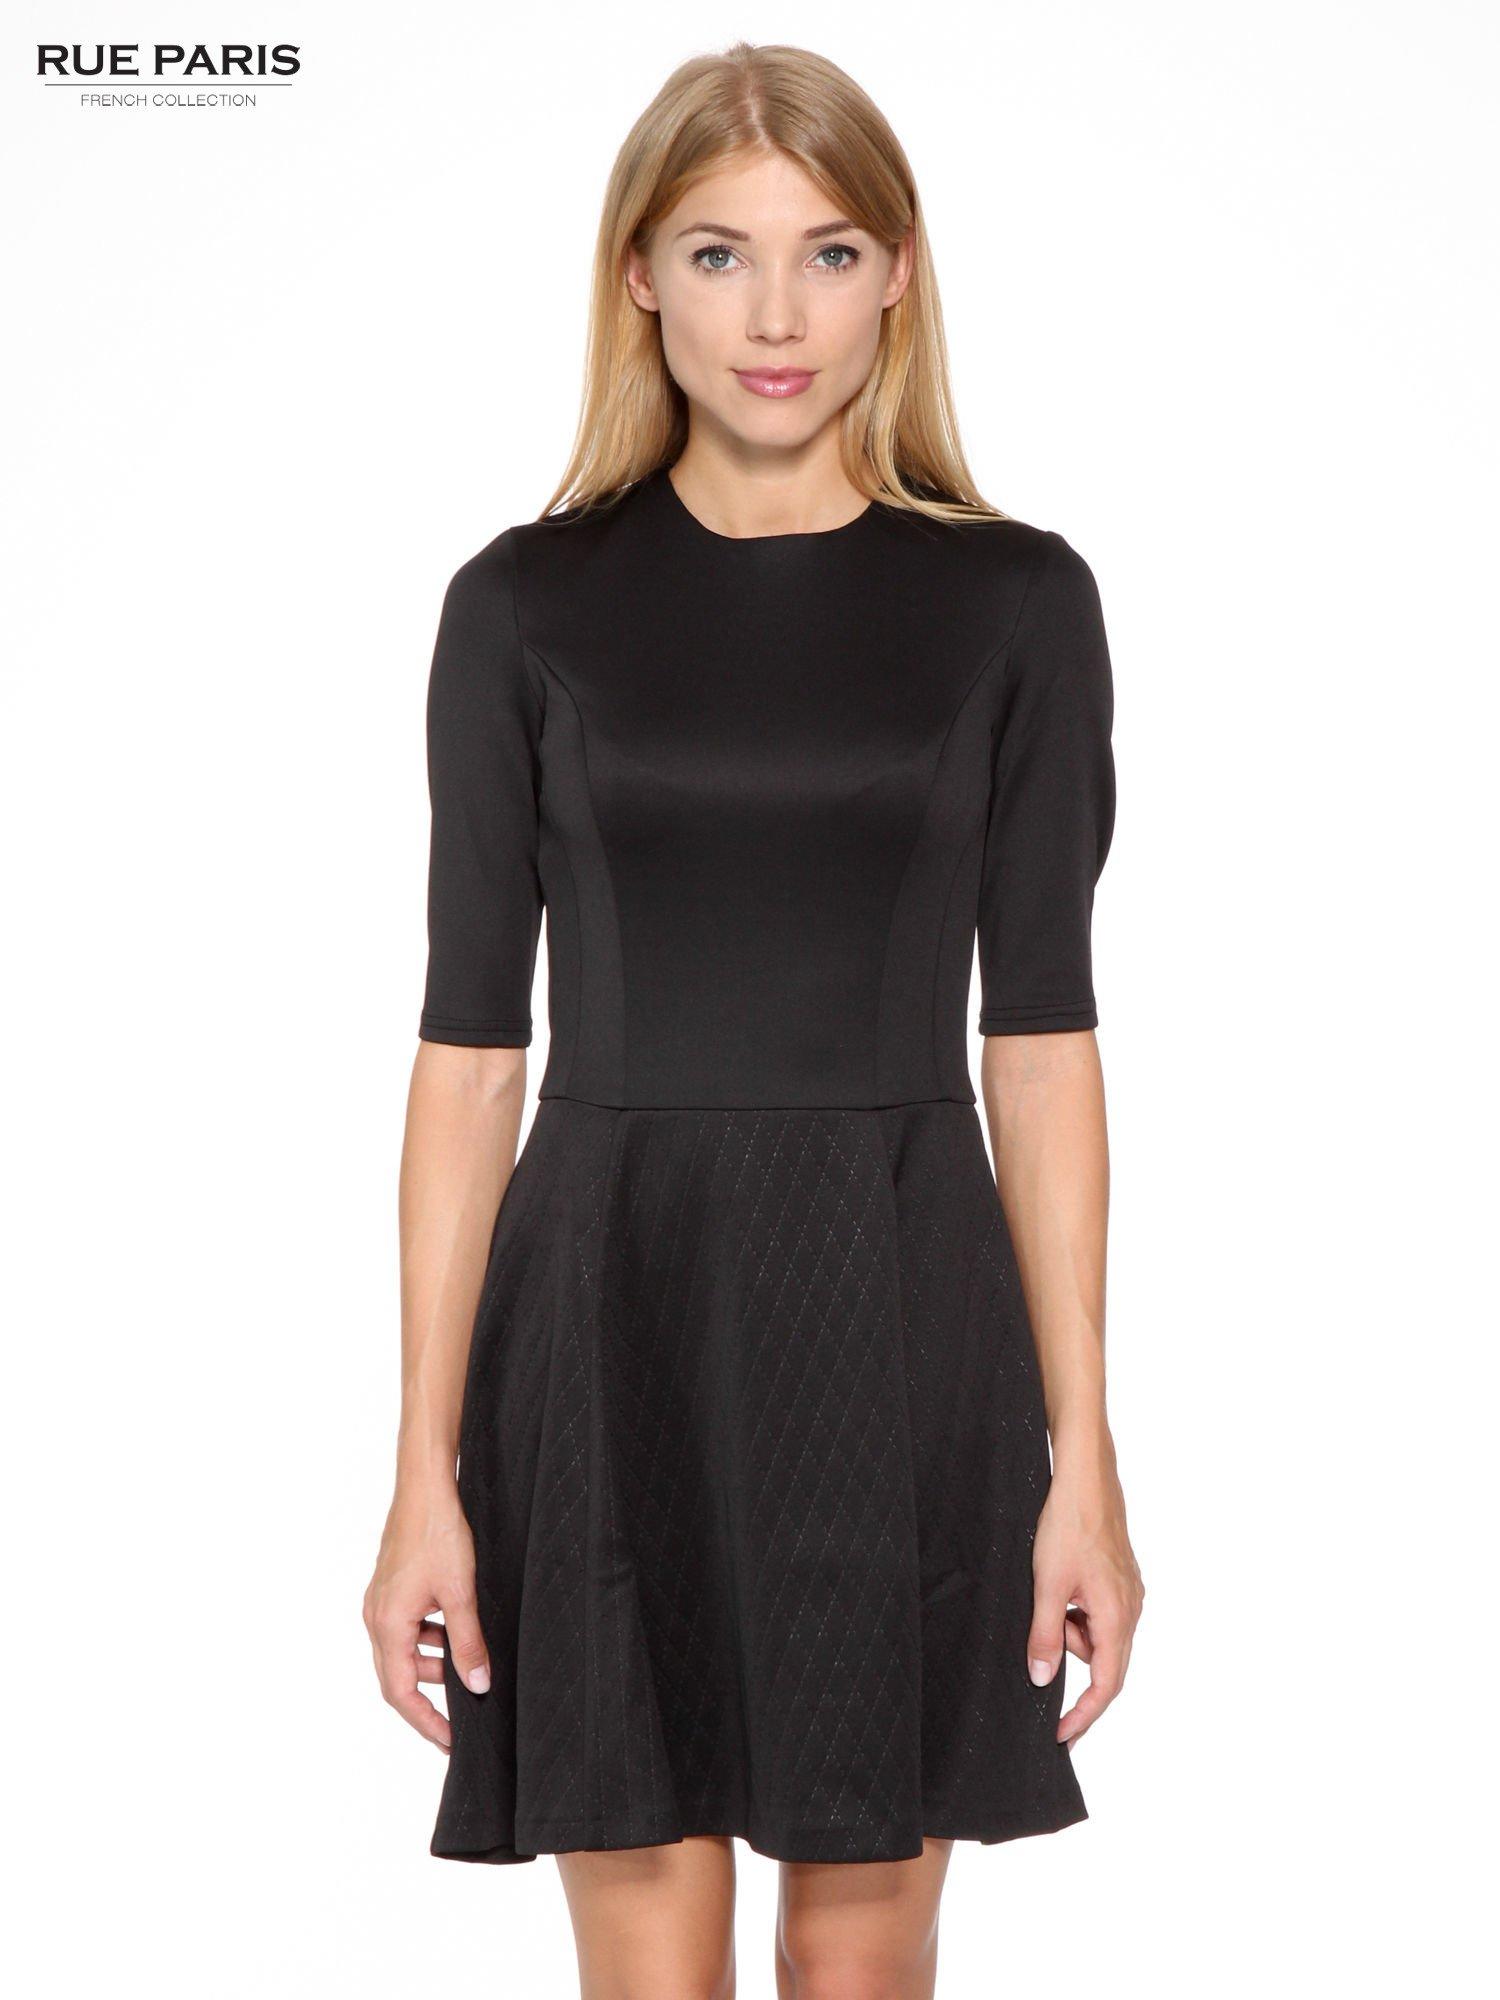 d159a58d37 Czarna klasyczna sukienka z rozkloszowanym dołem w pikowany wzór ...